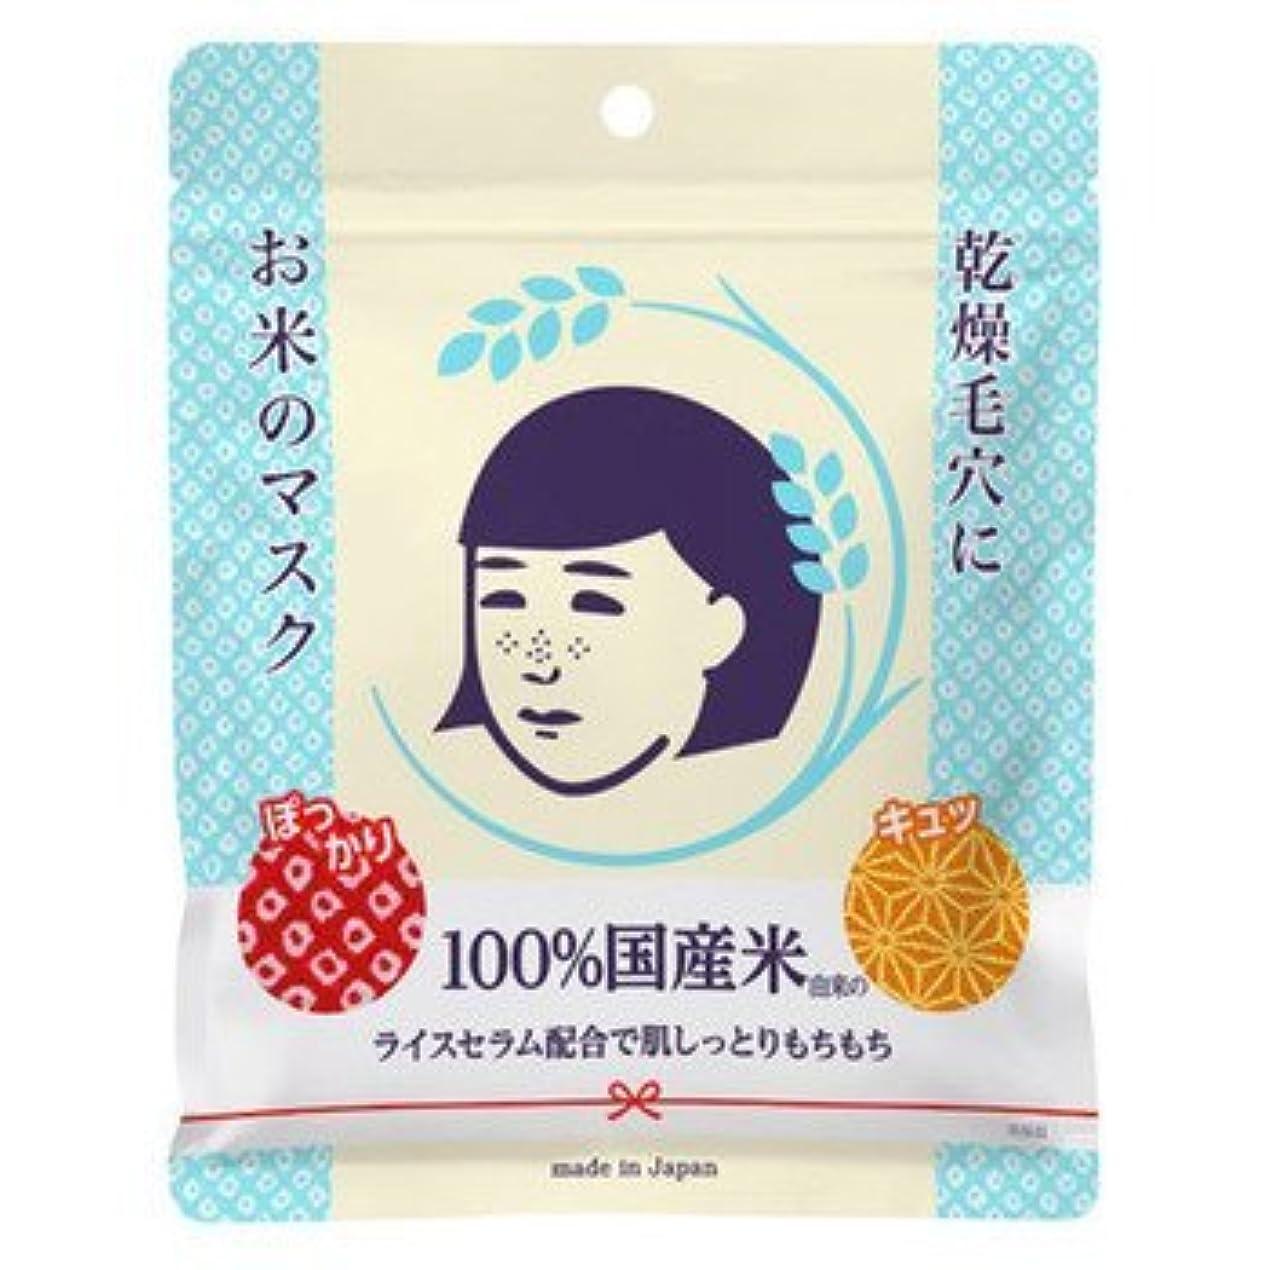 博物館研磨剤ラリー毛穴撫子 お米のマスク 10枚入 6個入りセット